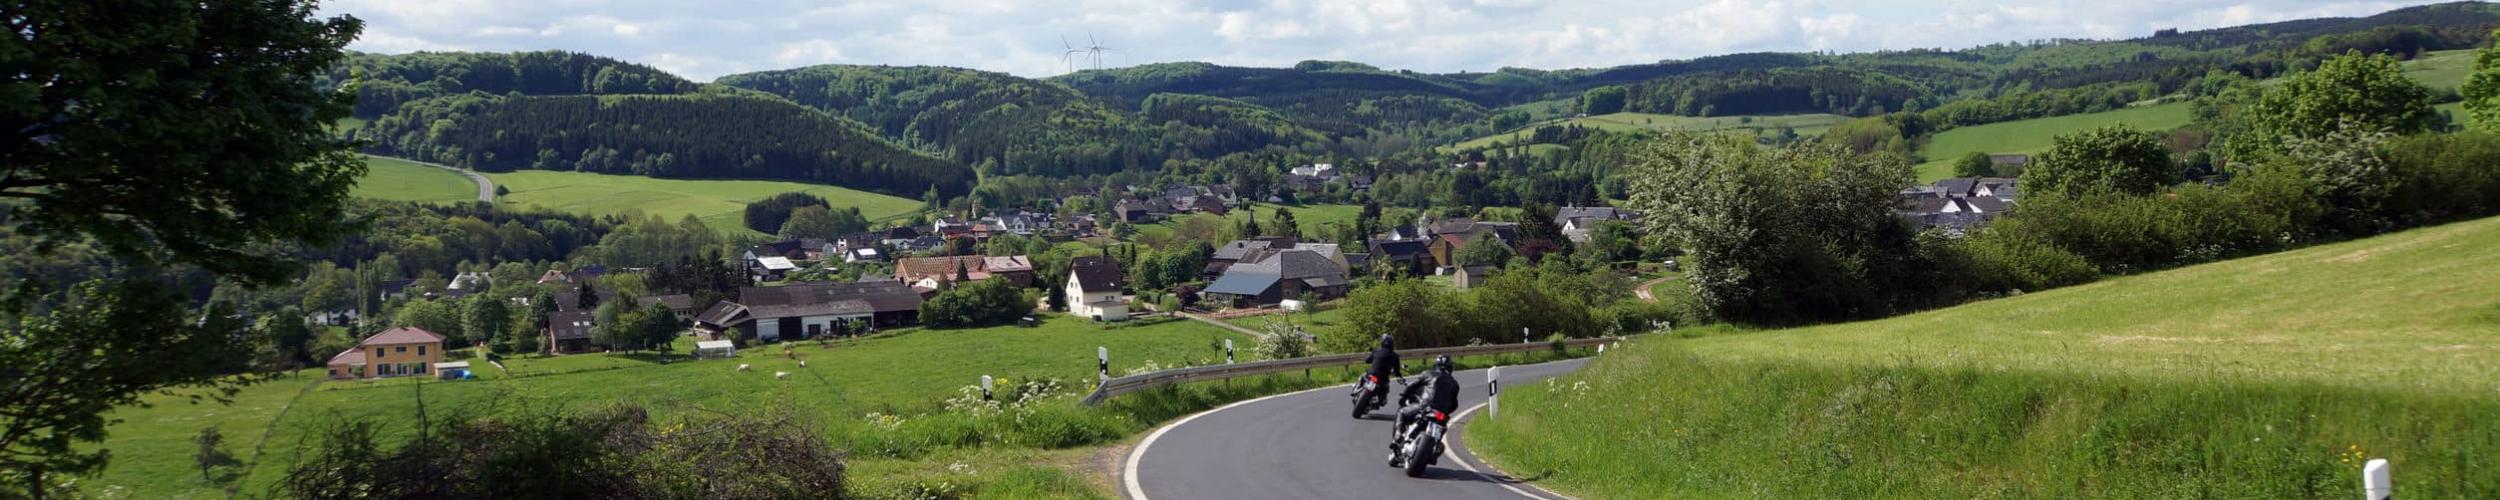 Weekendje Motorrijden in Pretpark Eifel | Motorreizen Duitsland